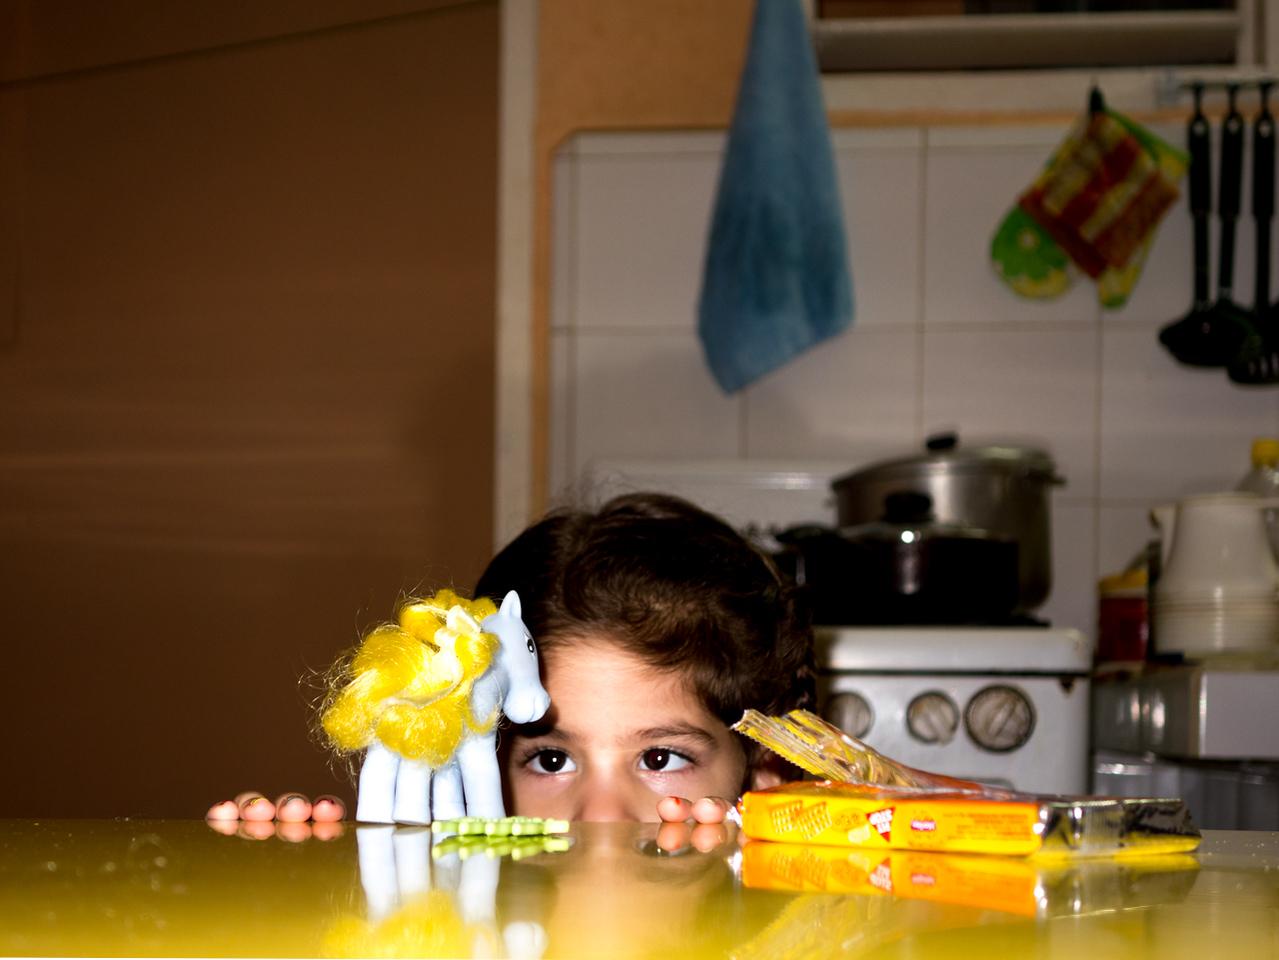 IMAGE: https://photos.smugmug.com/Cuba-2011-/Life/i-WZn87gs/0/82561bfc/X2/DSC03127-X2.jpg